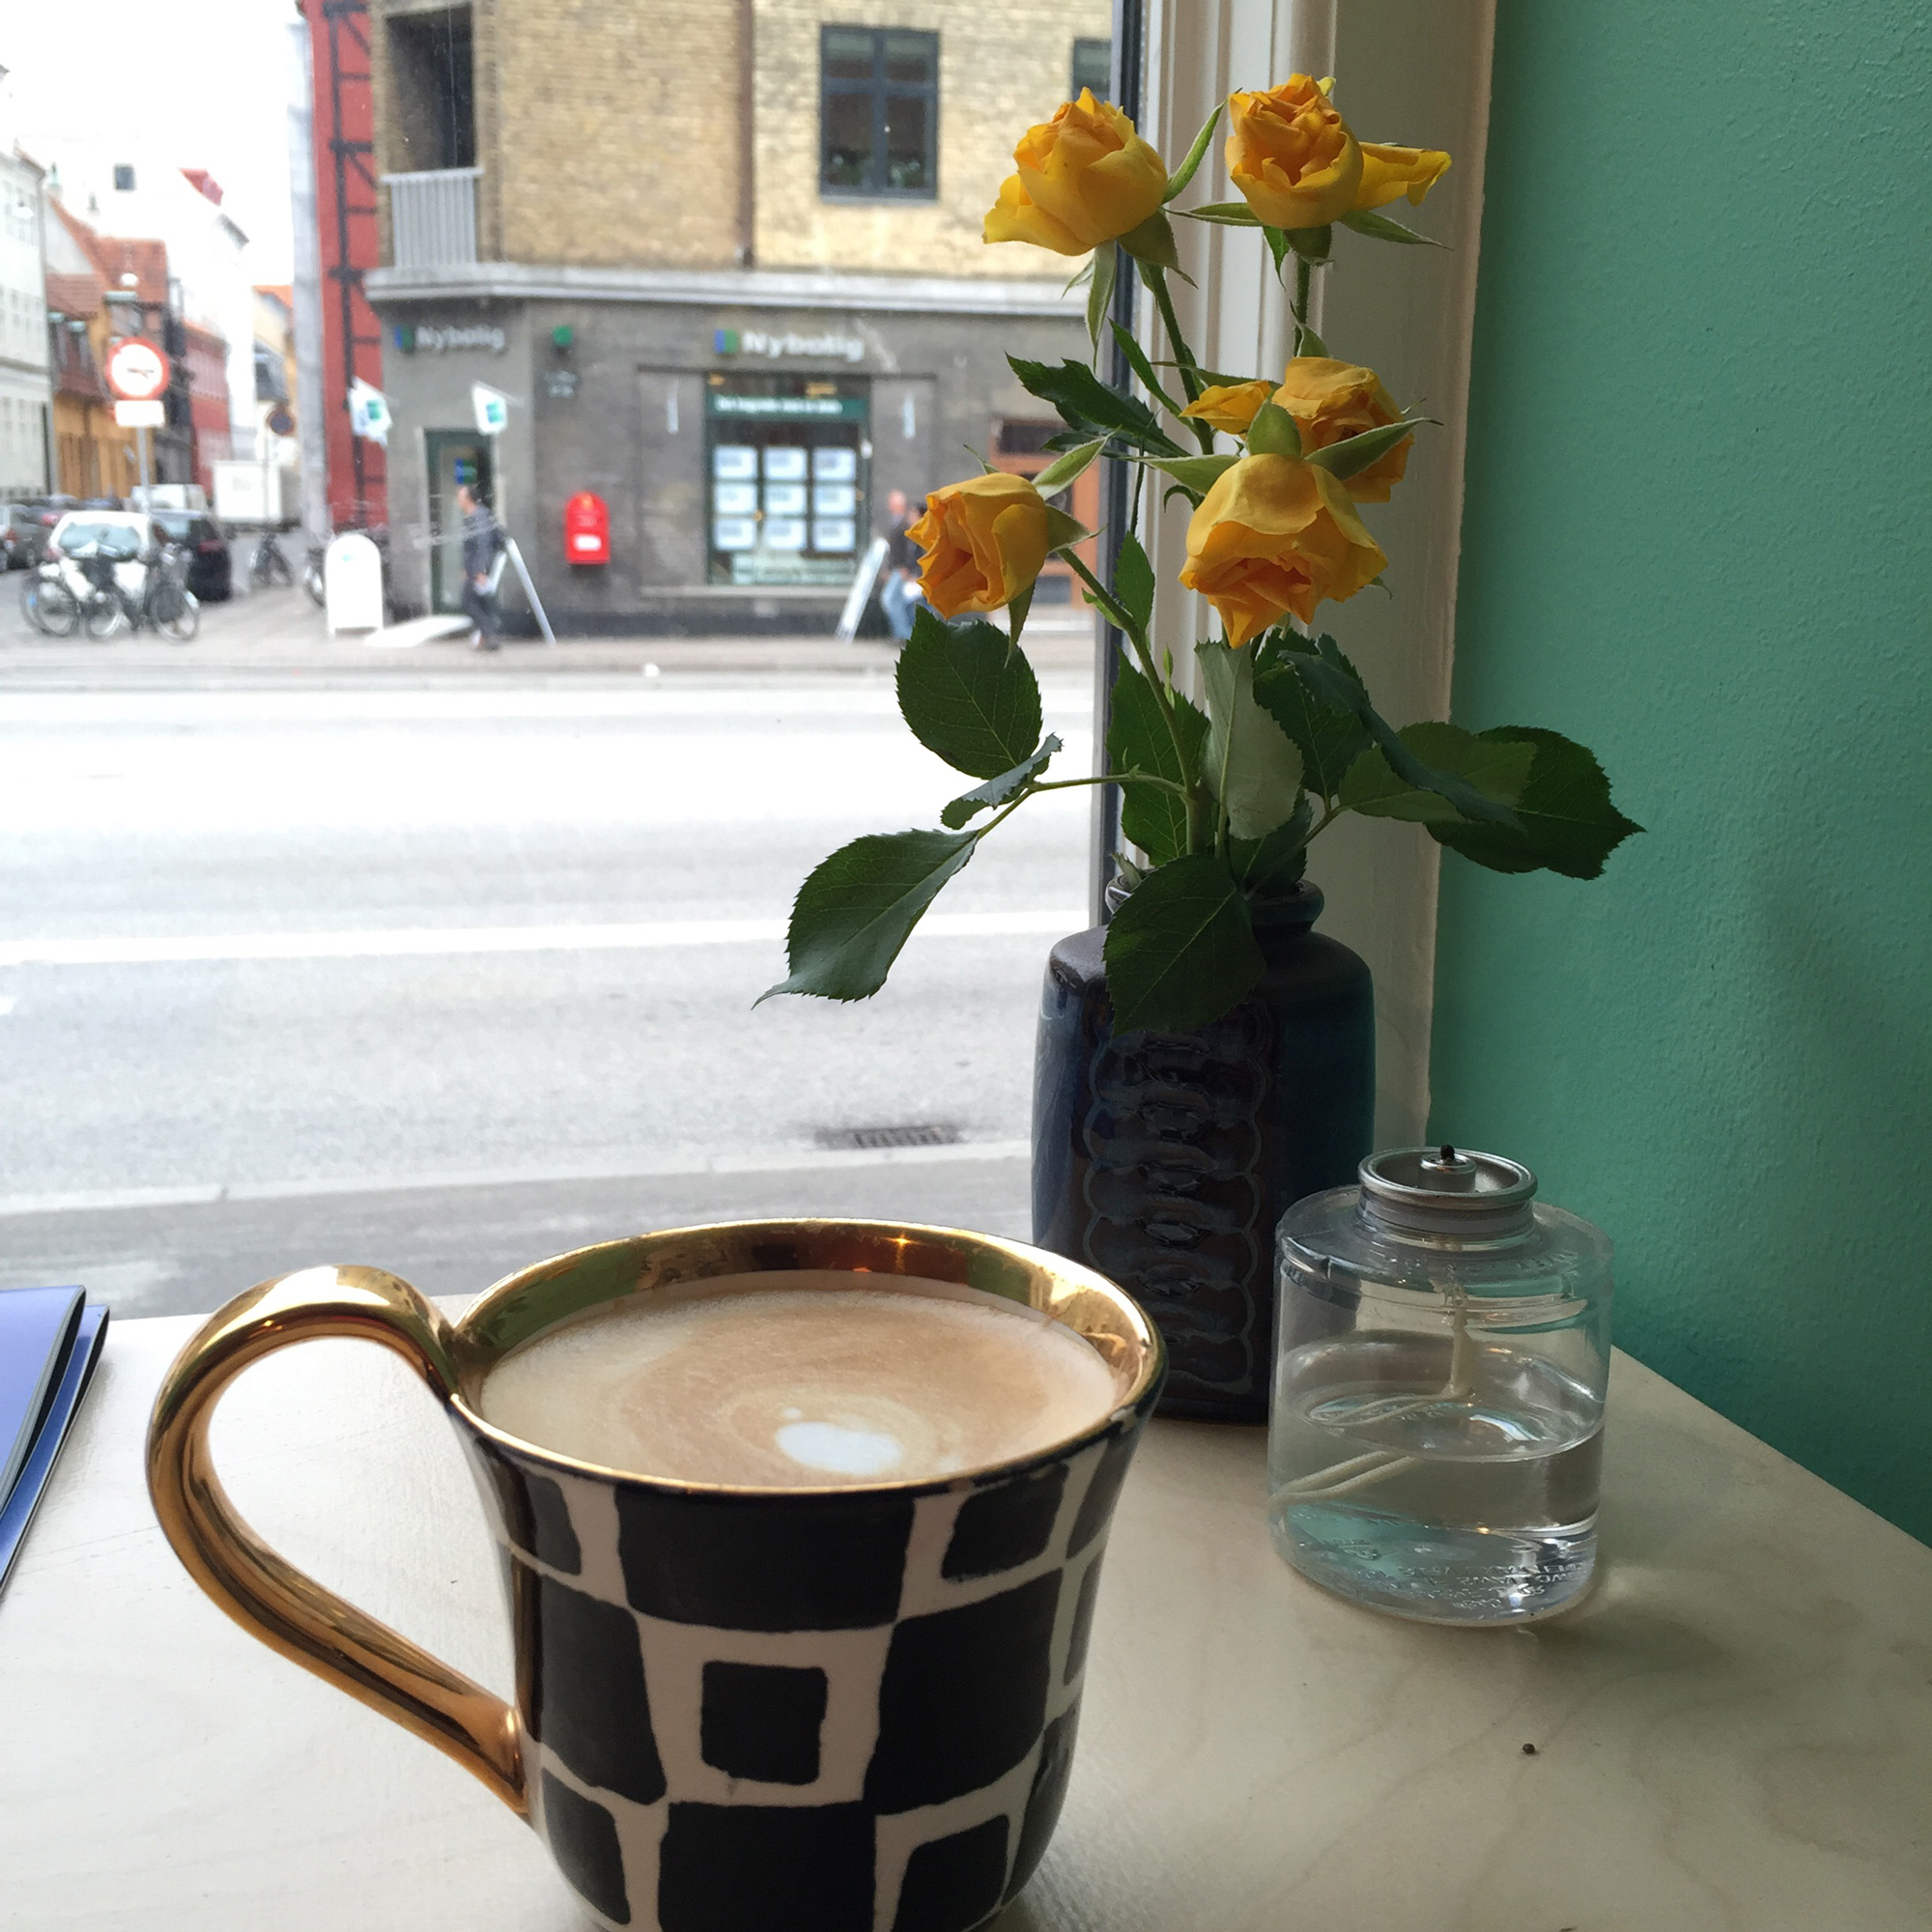 Slow Coffee in Christianshavn, September 2016